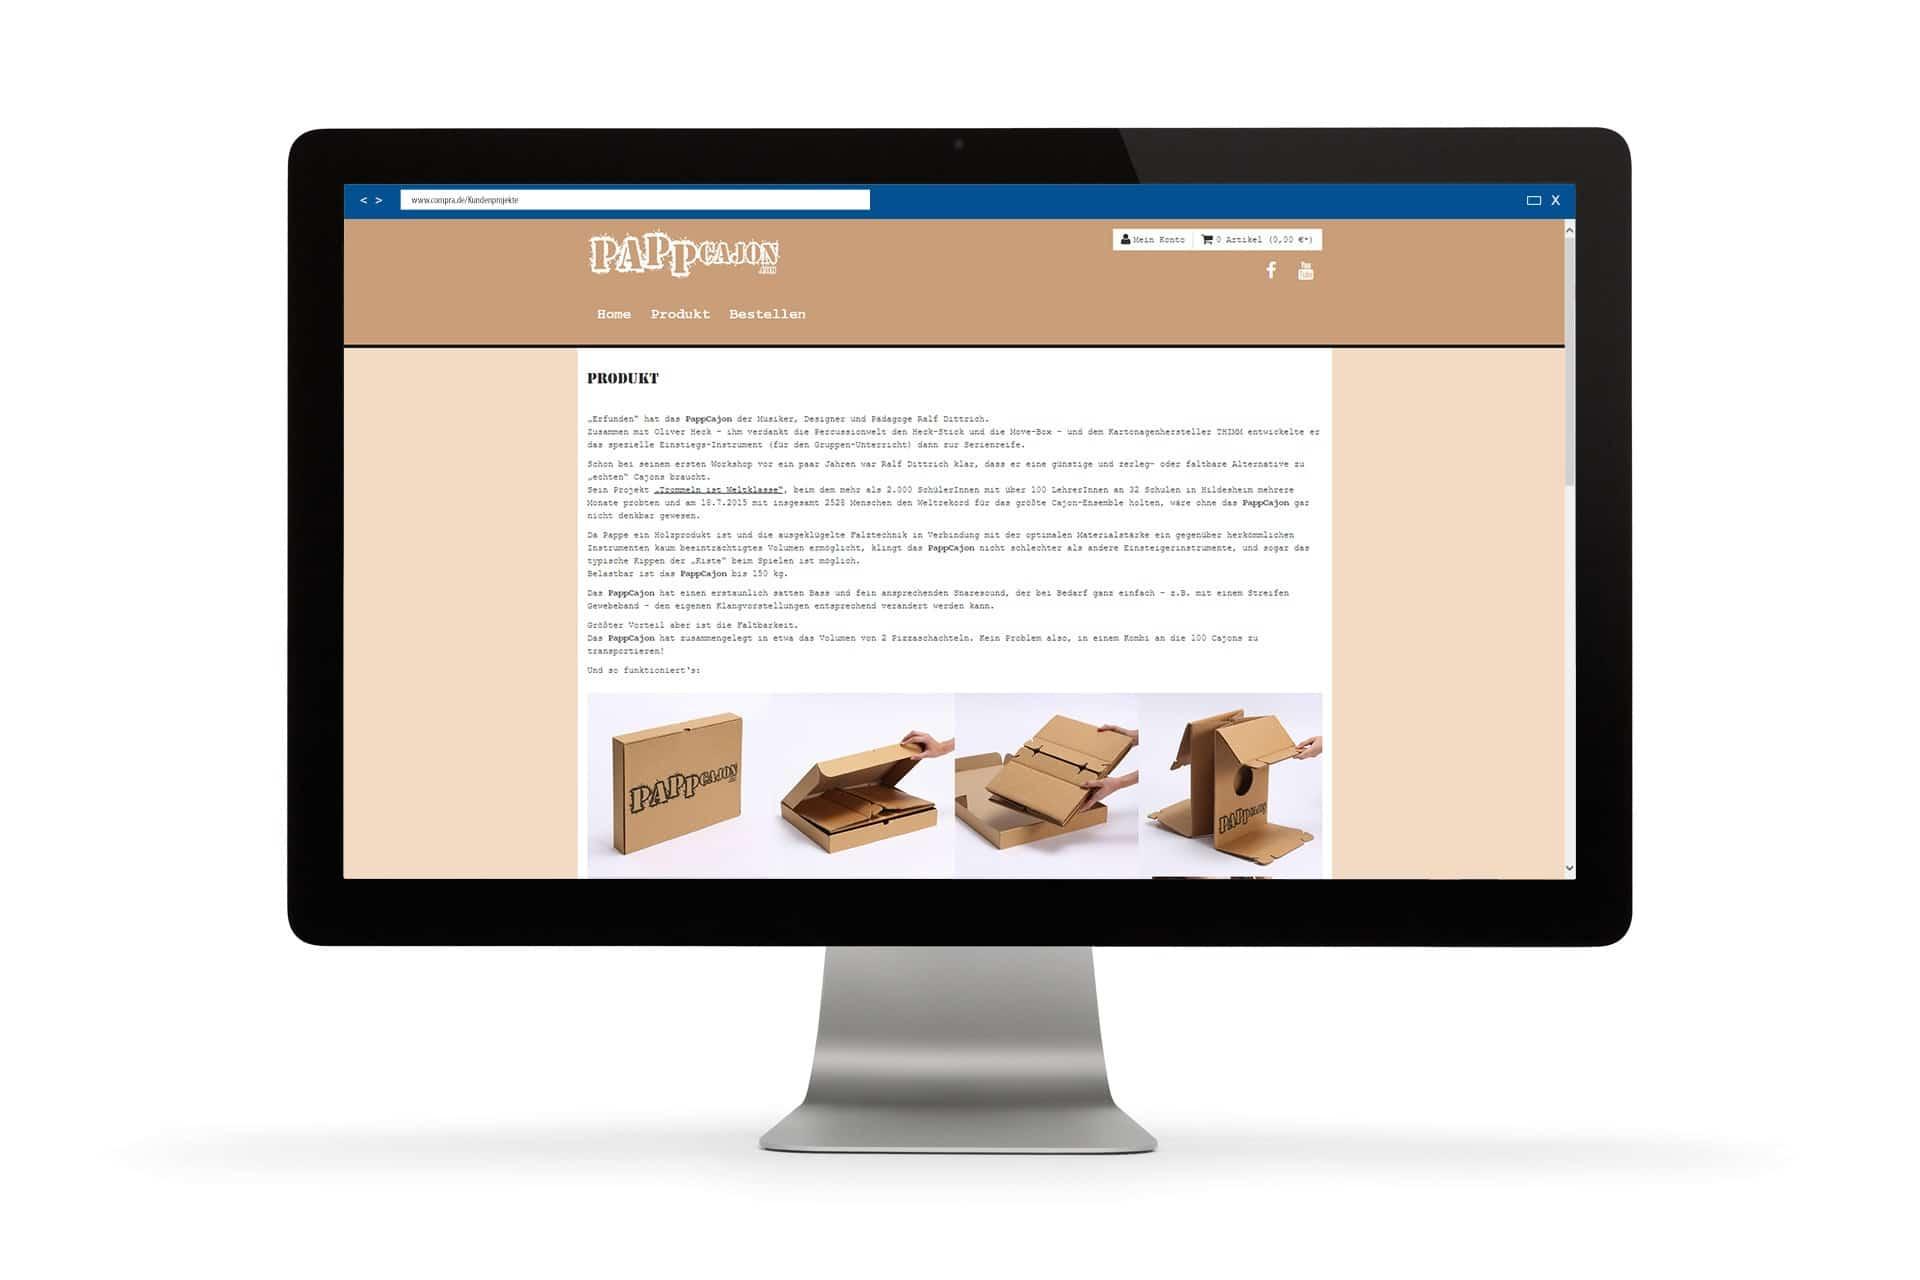 Auf einer Produktseite kann man alles über das Produkt erfahren sowie eine Aufbauanleitung ansehen.